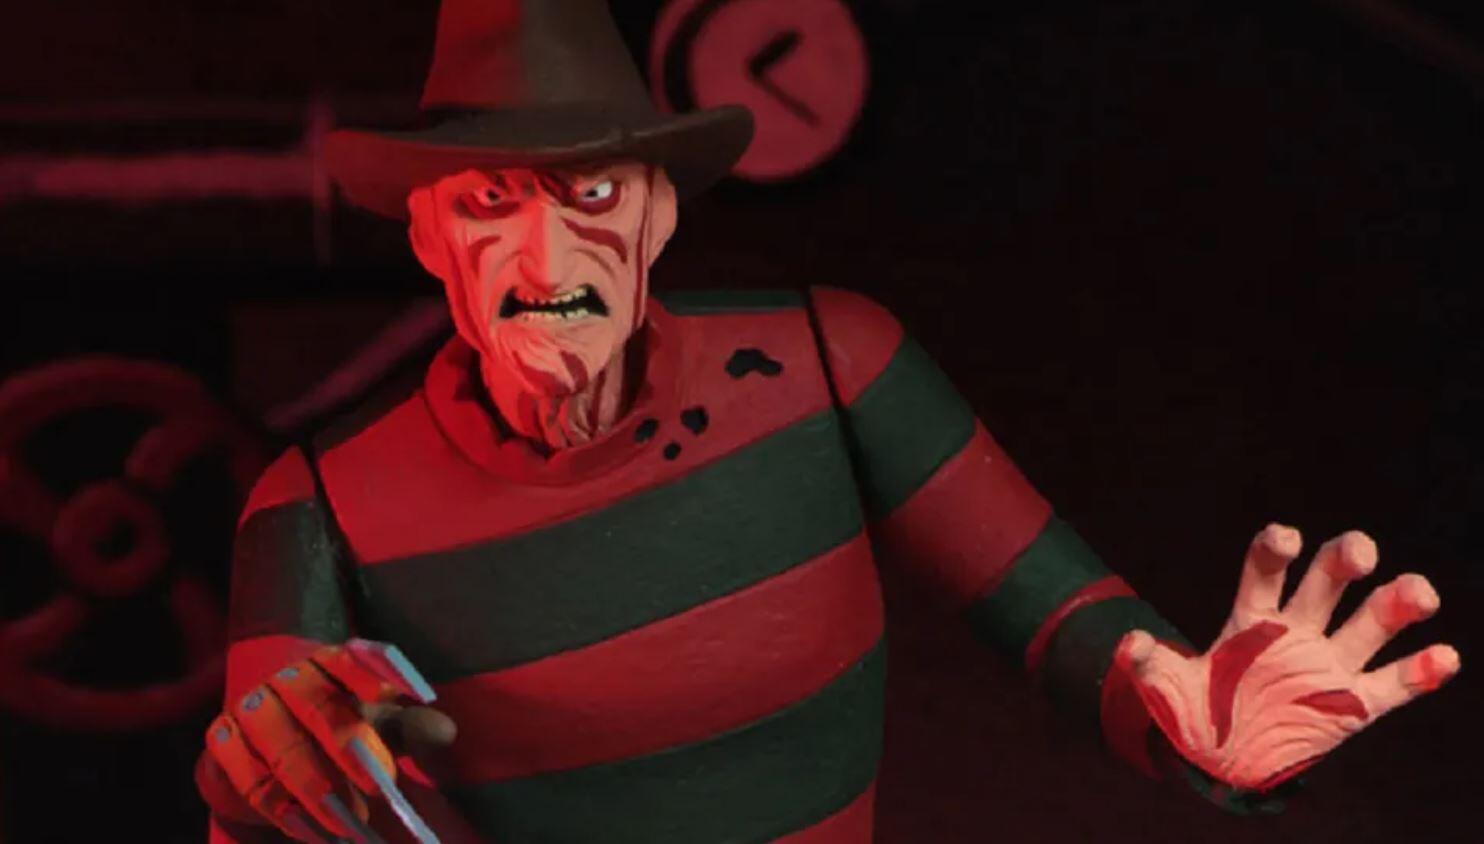 a nightmare on elm street freddy krueger animated